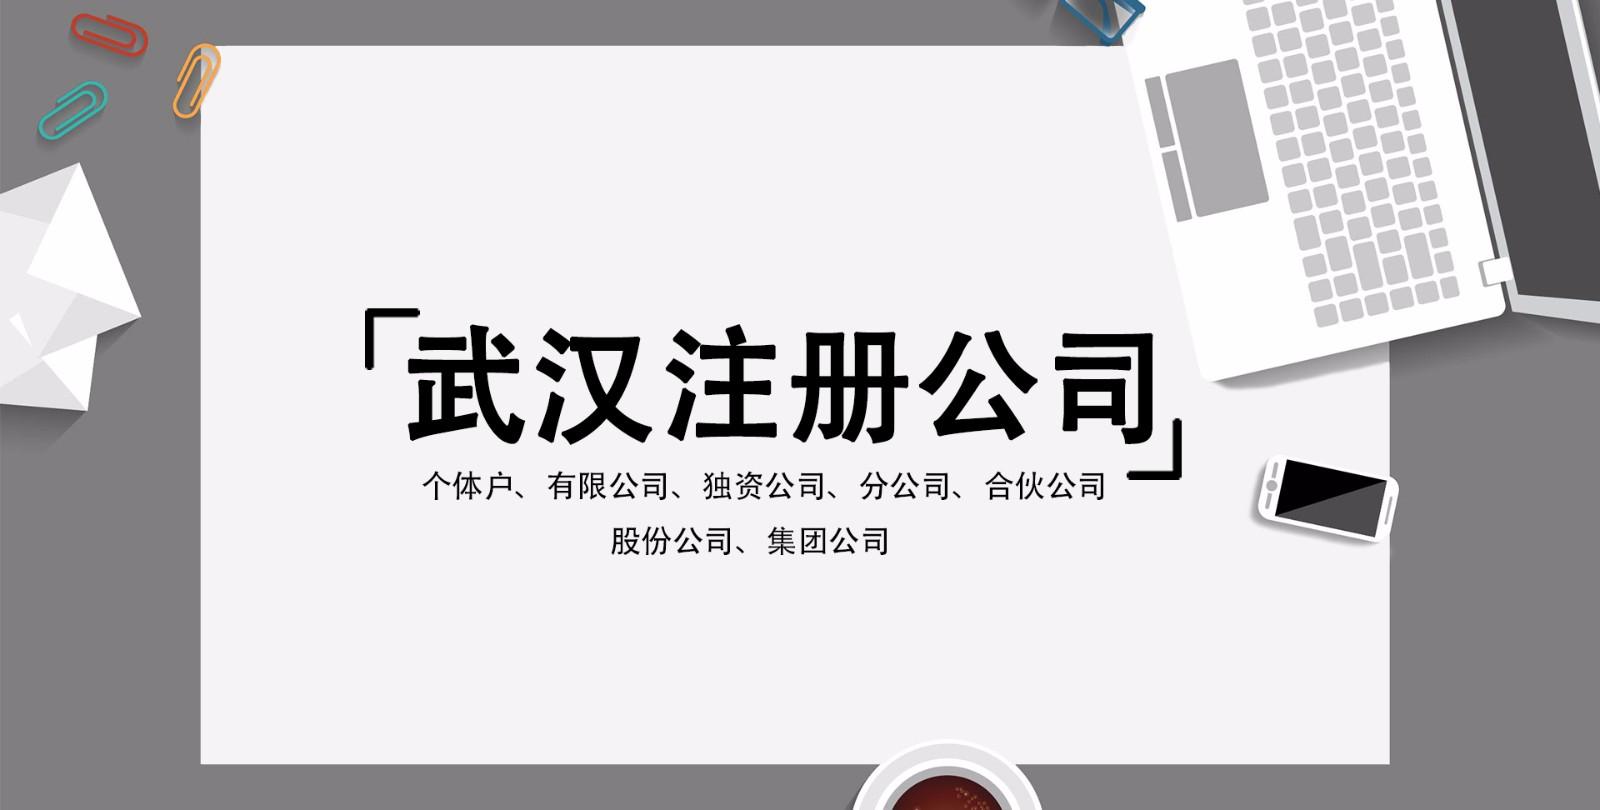 武汉注册公司_武汉注册营业执照_营业执照代办_武汉万创